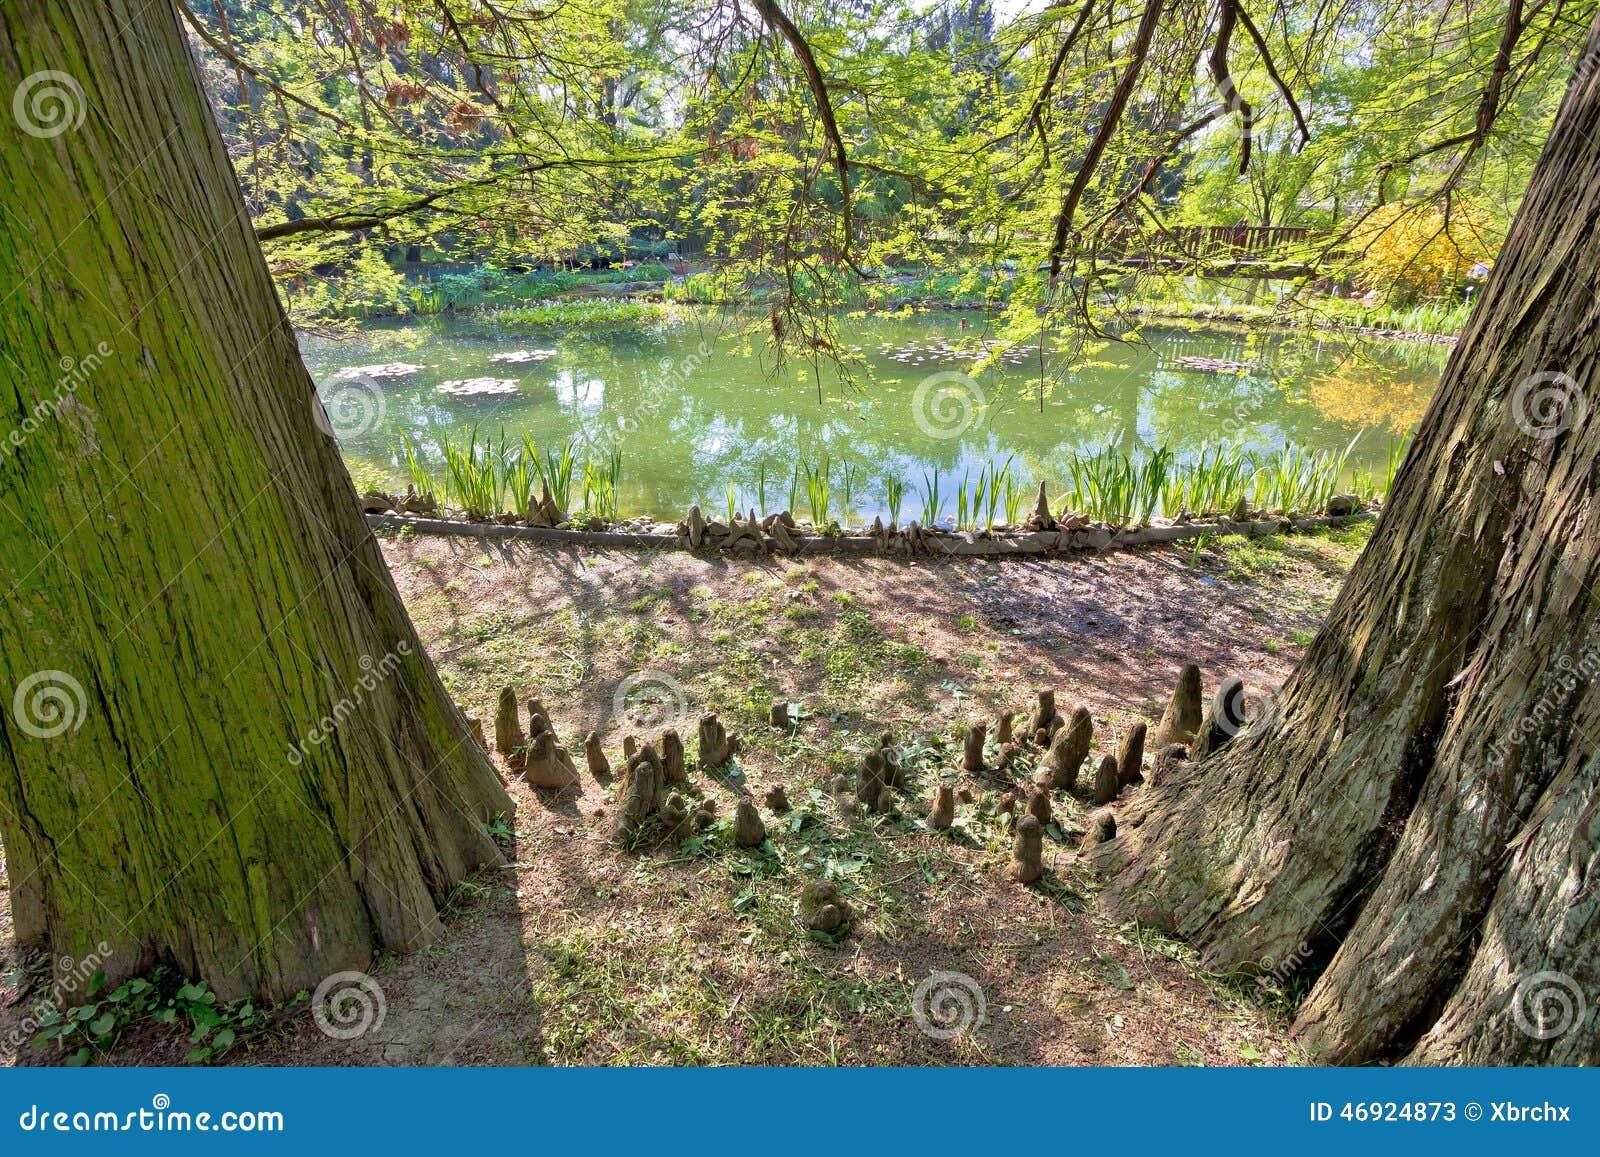 Piante alberi e lago del giardino botanico di zagabria fotografia stock immagine 46924873 - Piante e alberi da giardino ...